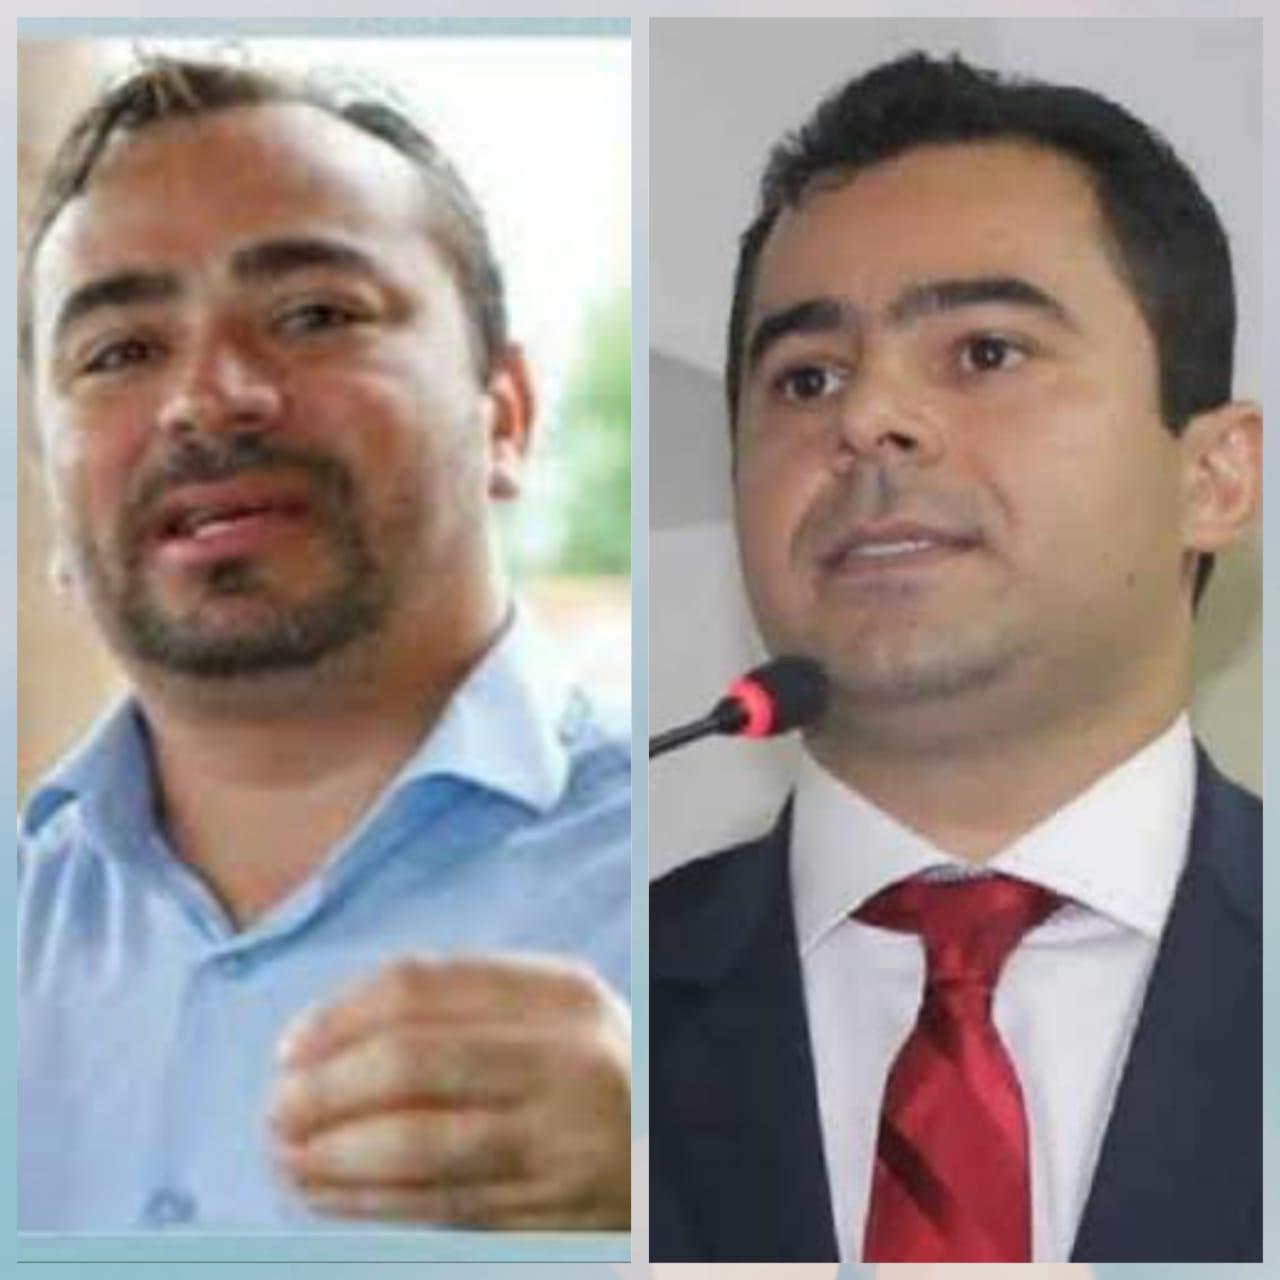 Quem o grupo Cobra apoiará para deputado: Dr. Rhiccarddo ou Eric Costa?